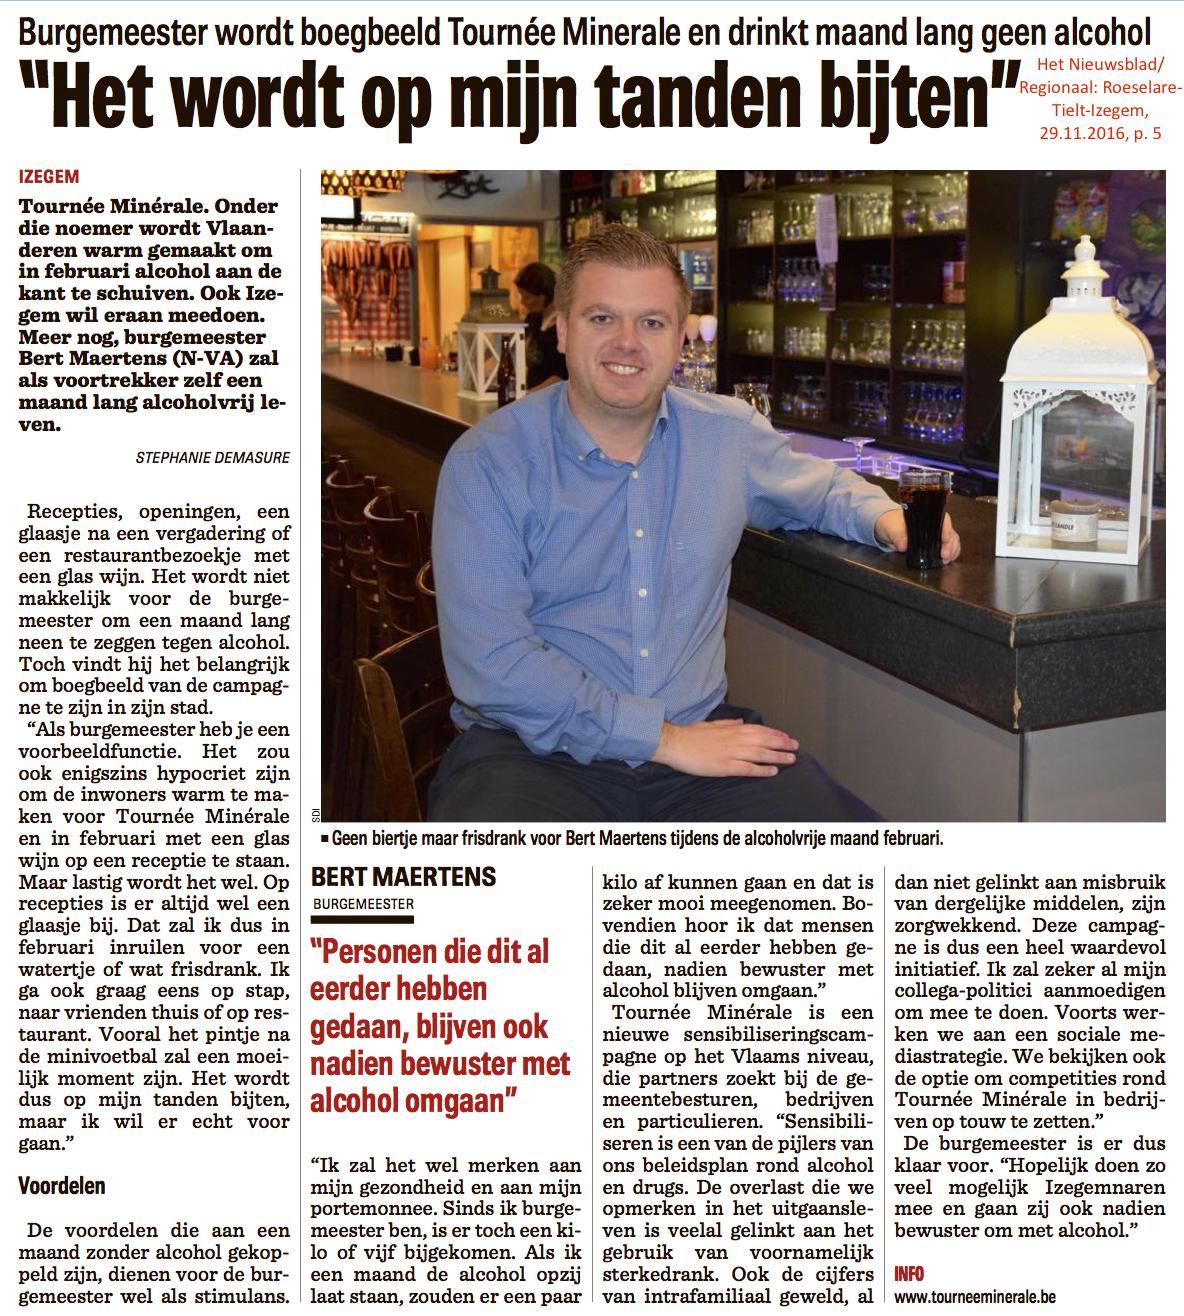 Het Nieuwsblad/Regionaal: Roeselare-Tielt-Izegem, 29.11.2016, p. 5